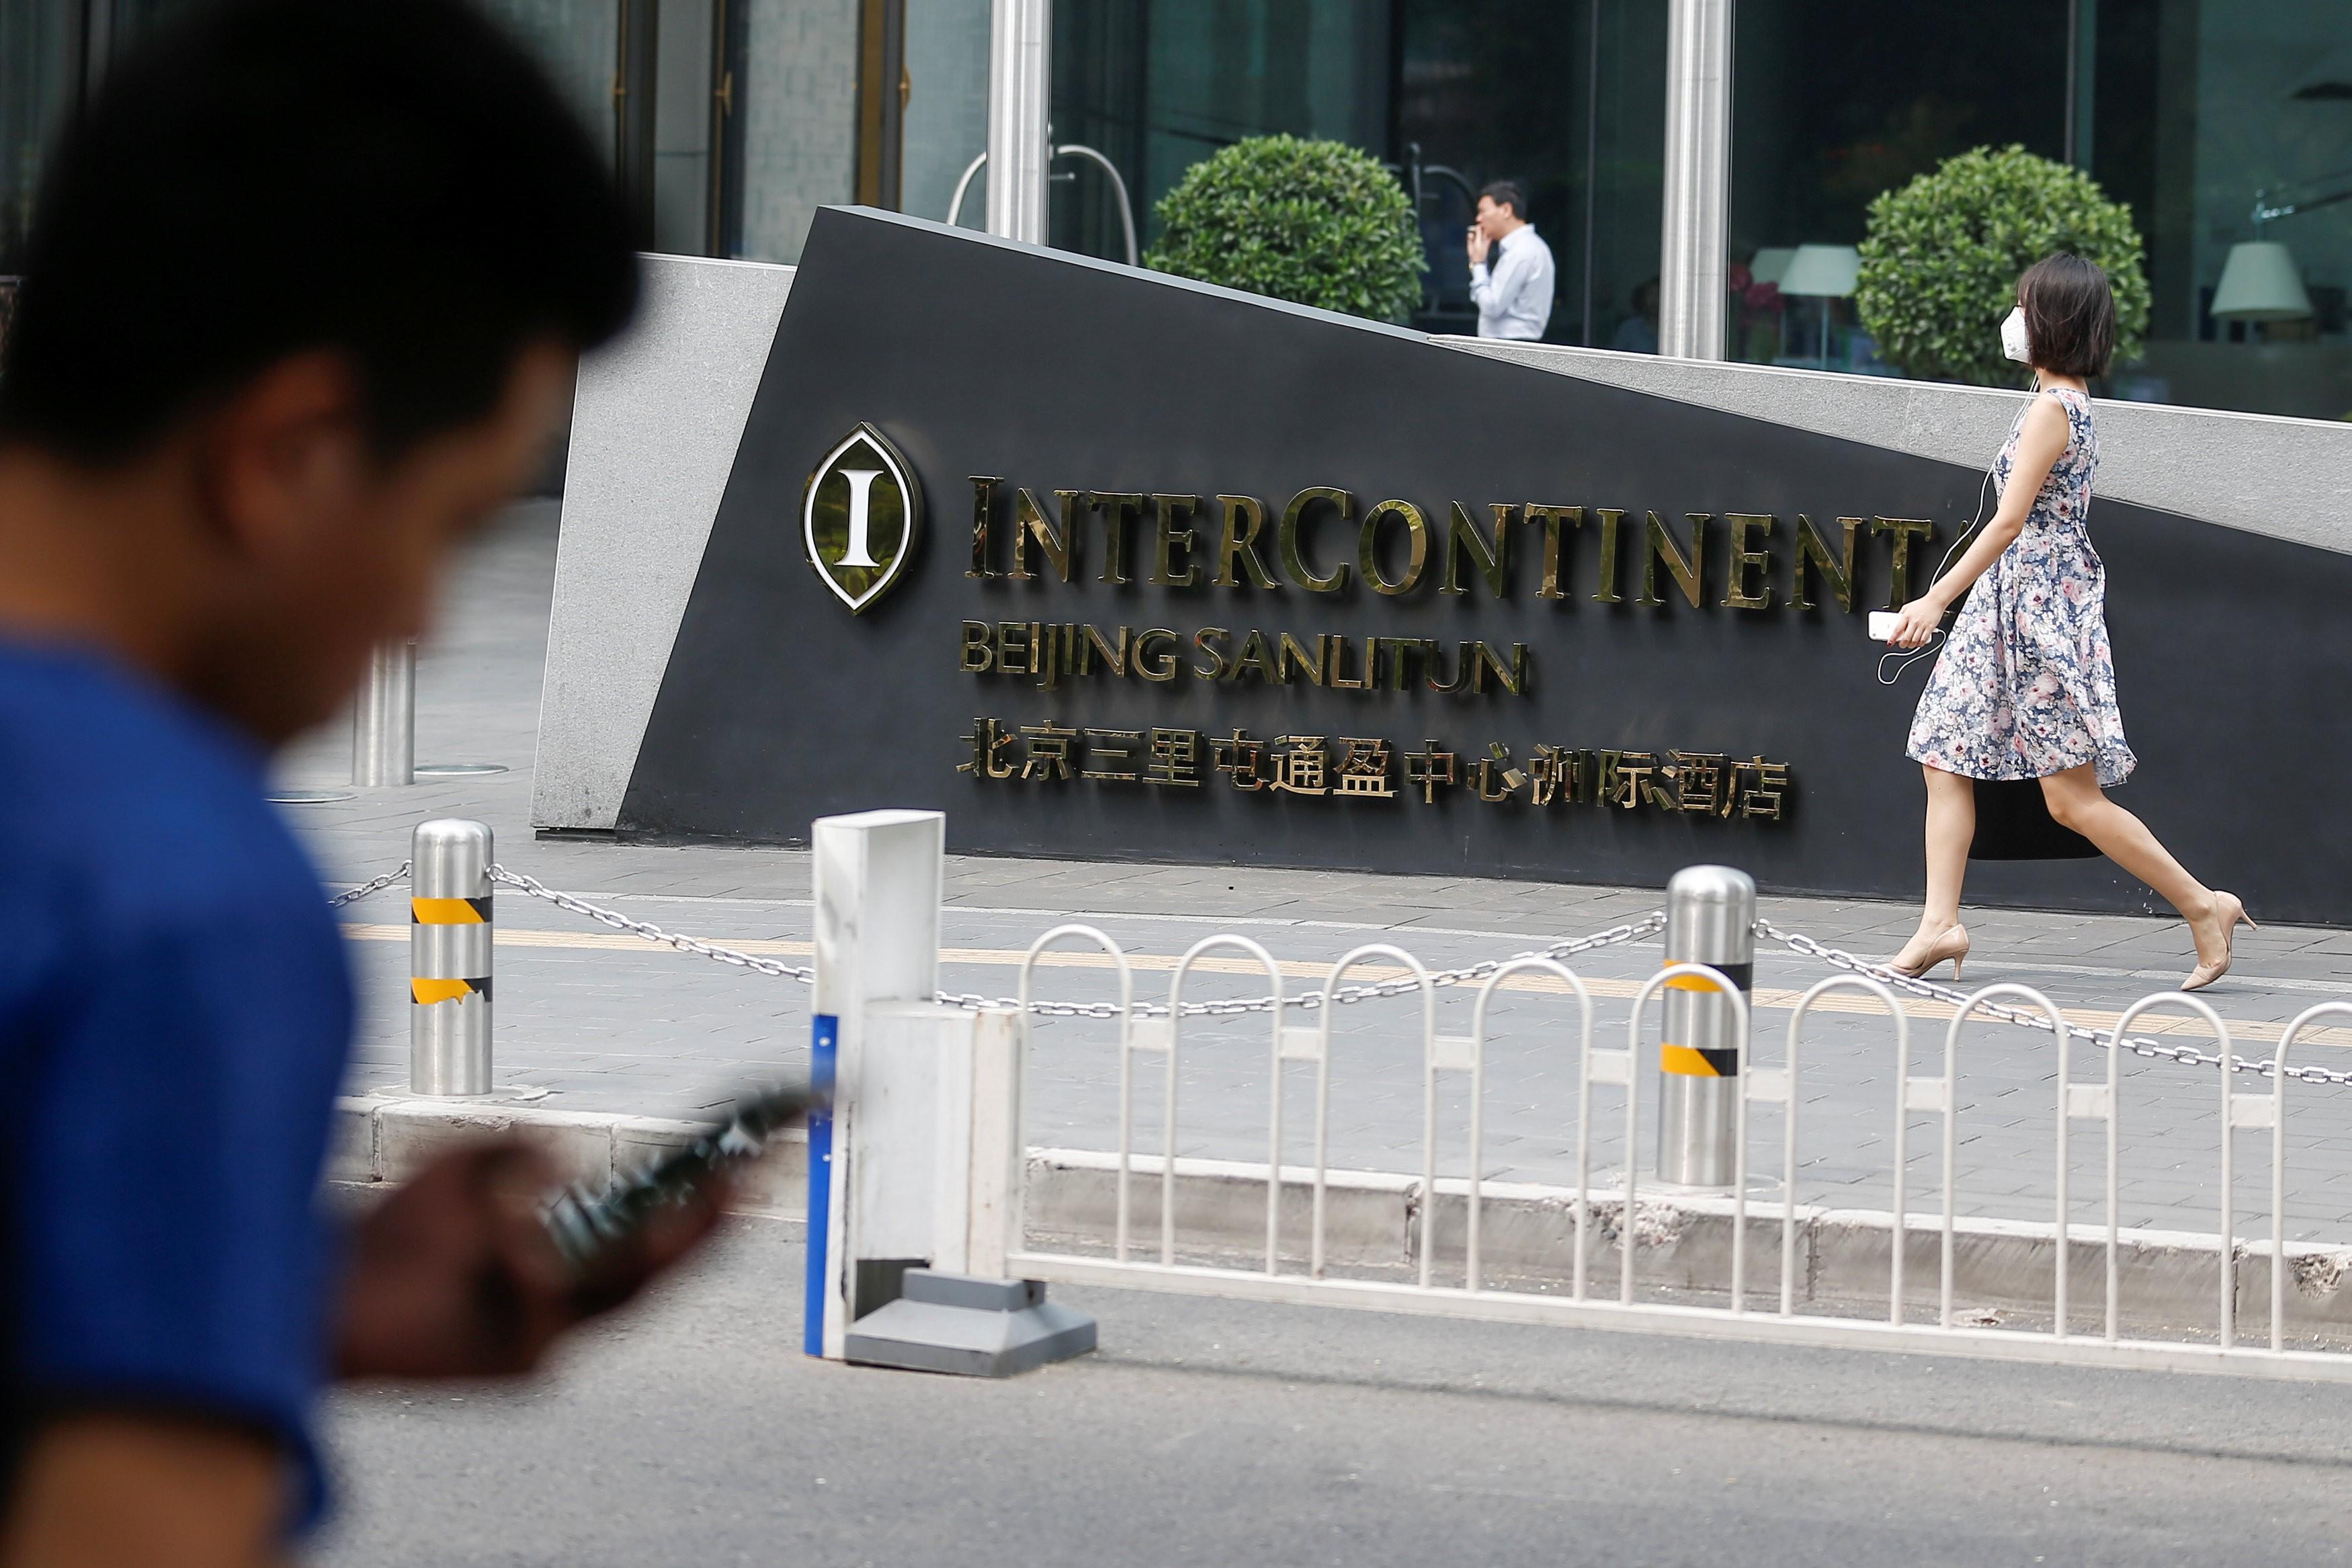 China fecha acesso livre à internet de hotéis internacionais